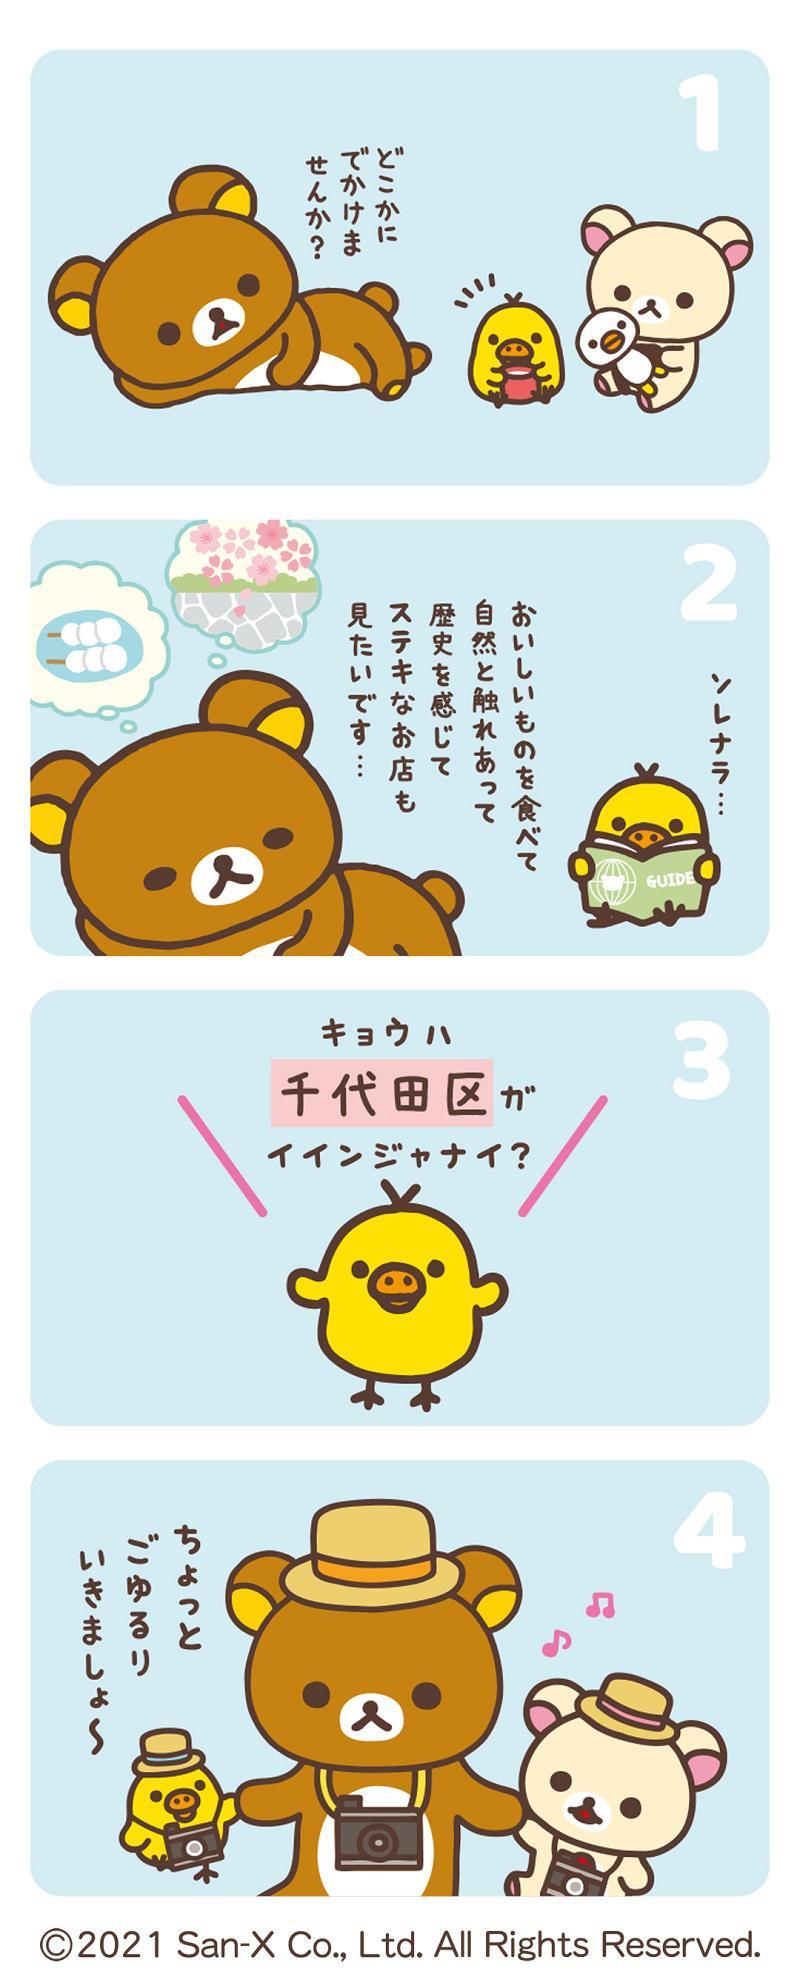 0819up_RK_chiyoda_rila_chiyoda2_0818.jpg